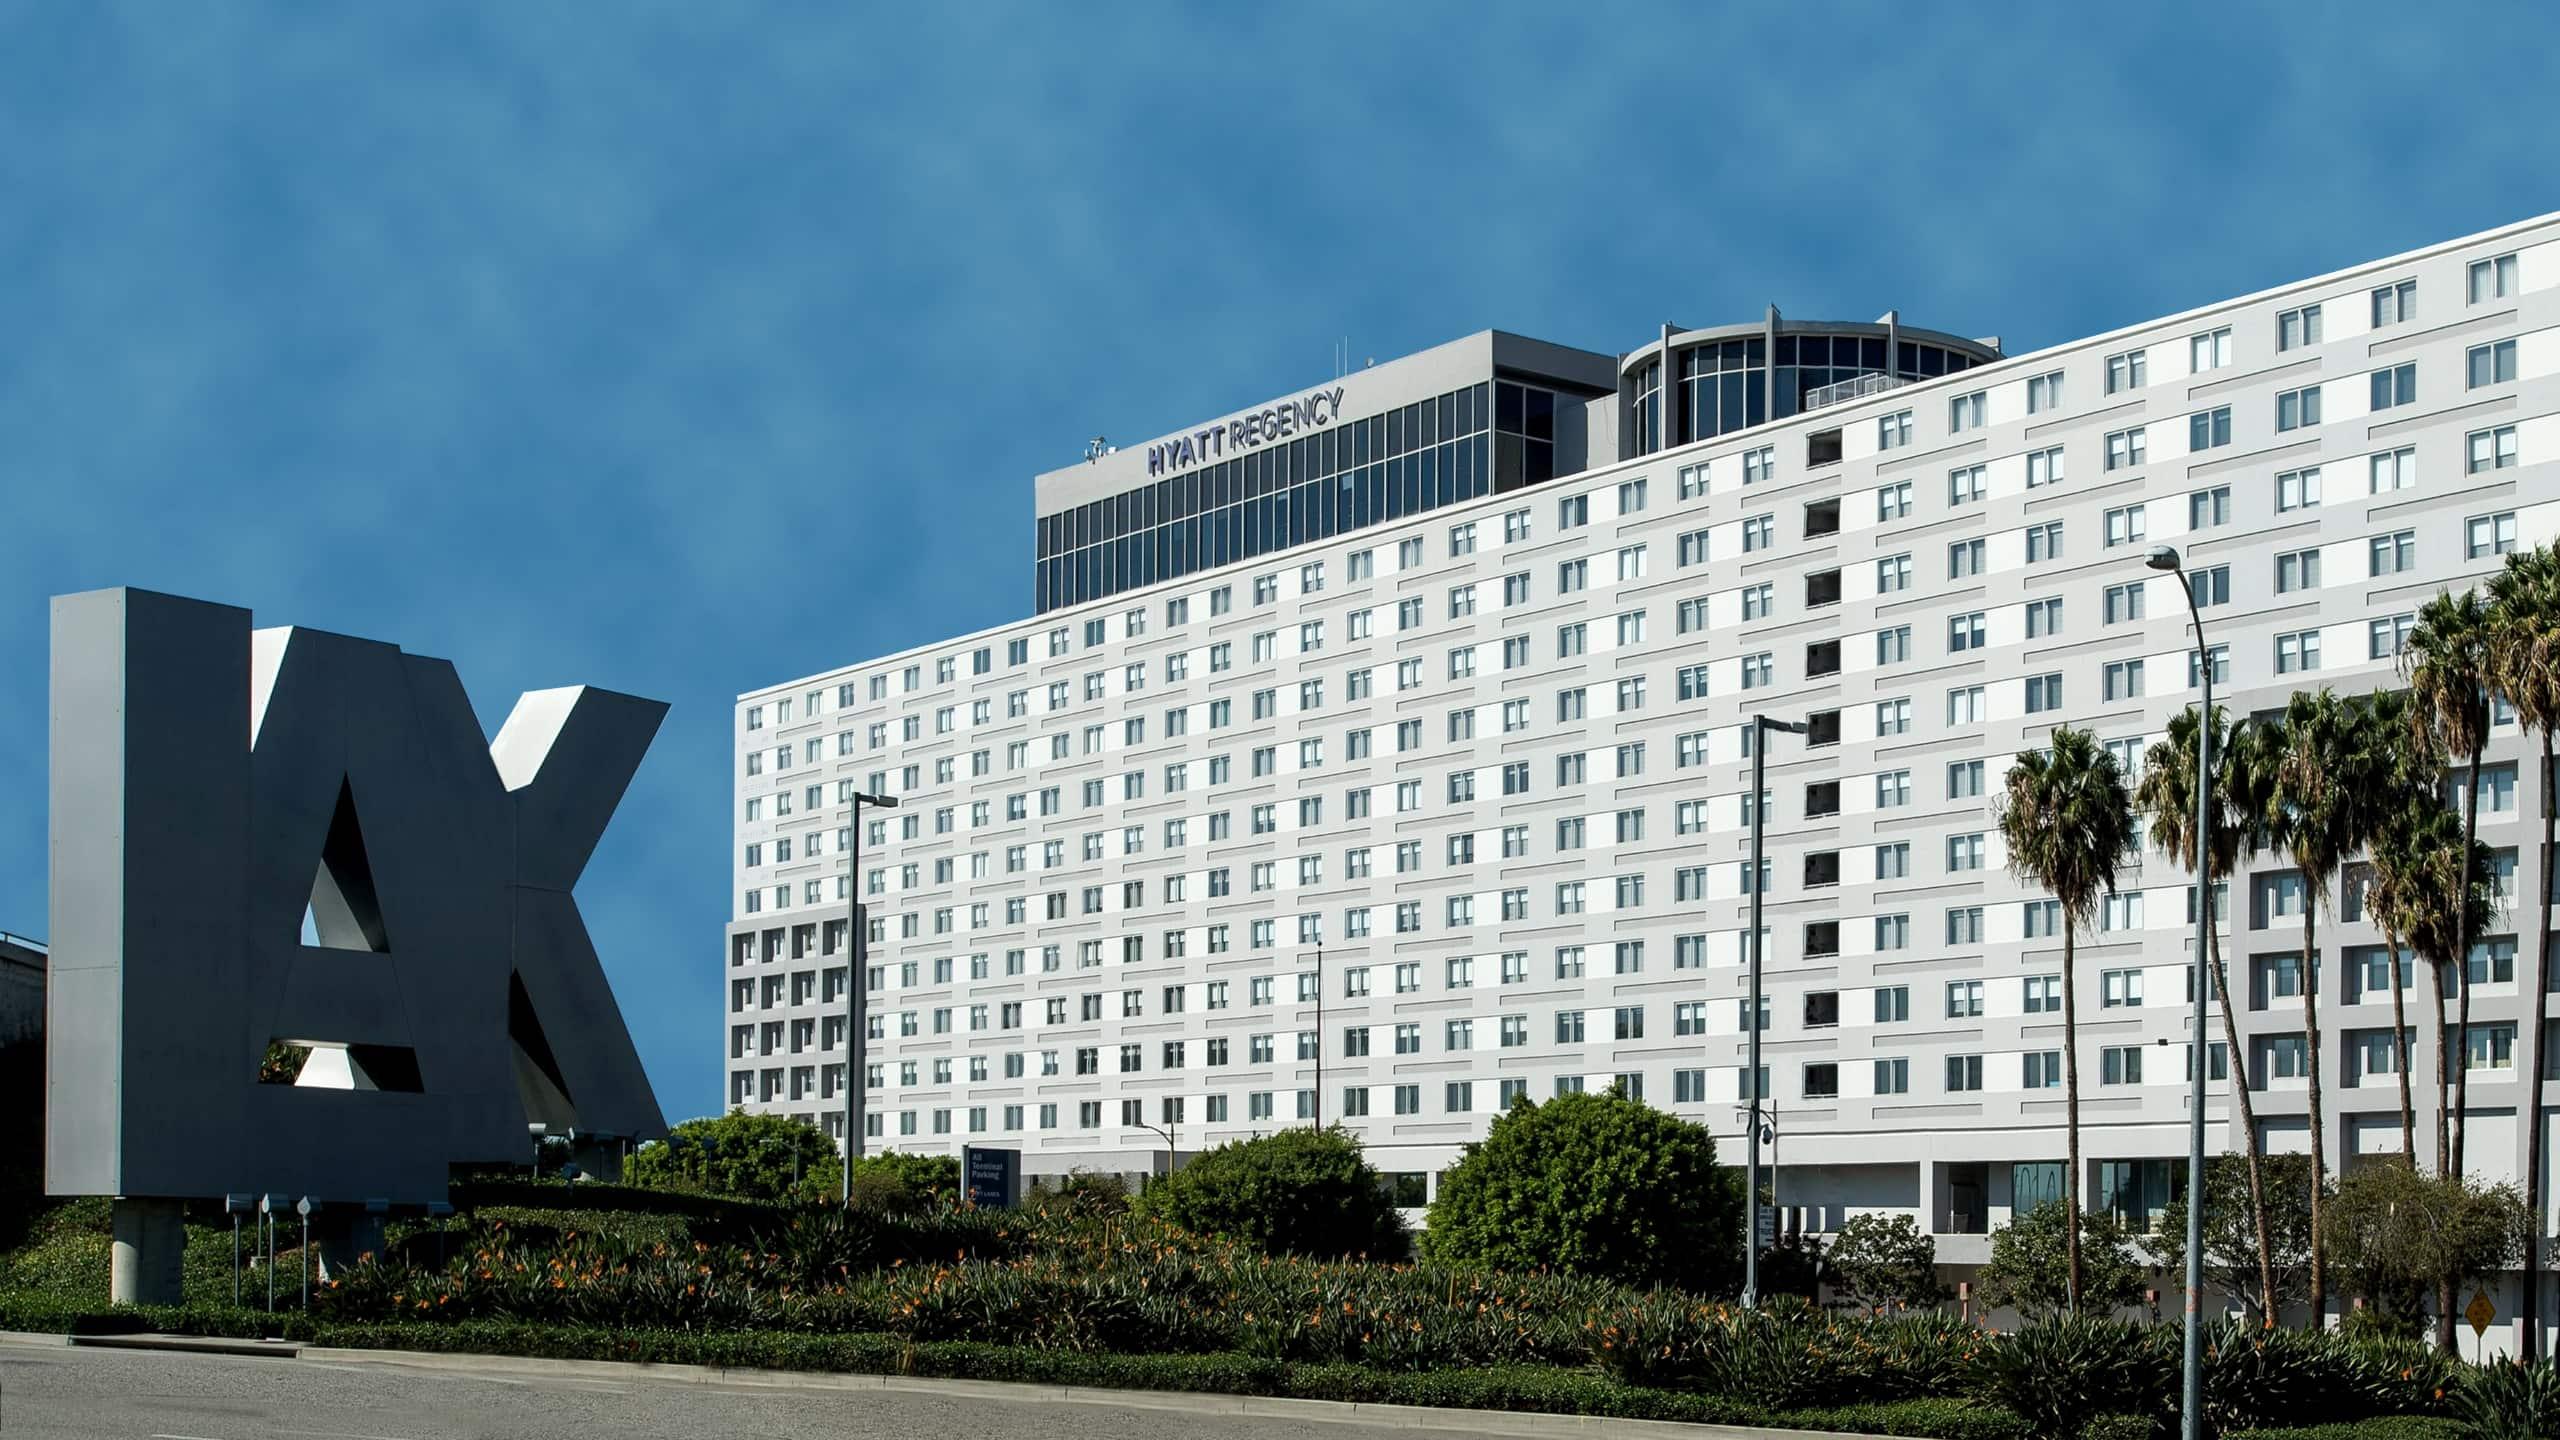 Los Angeles Hotels Hyatt Resorts